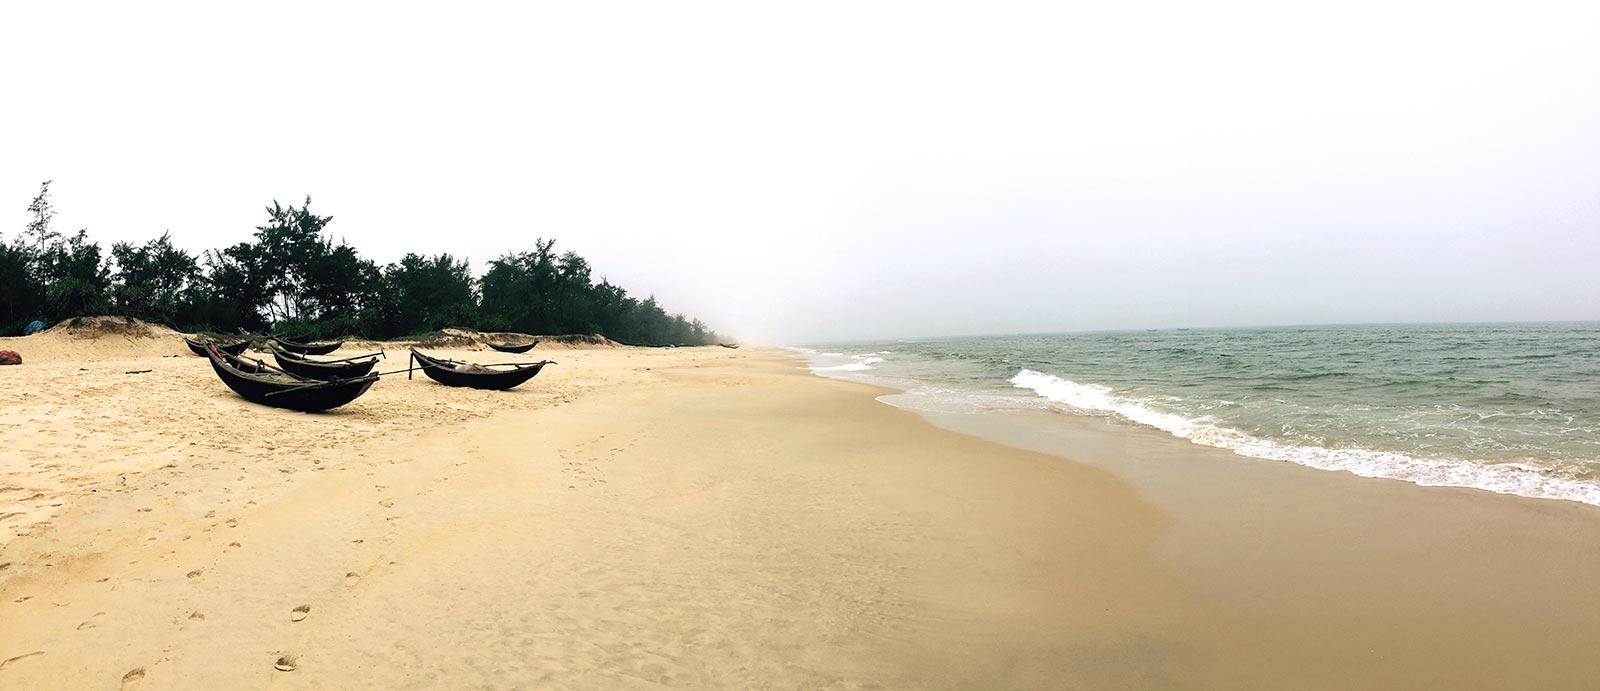 Hue Beach Bar, Vietnam